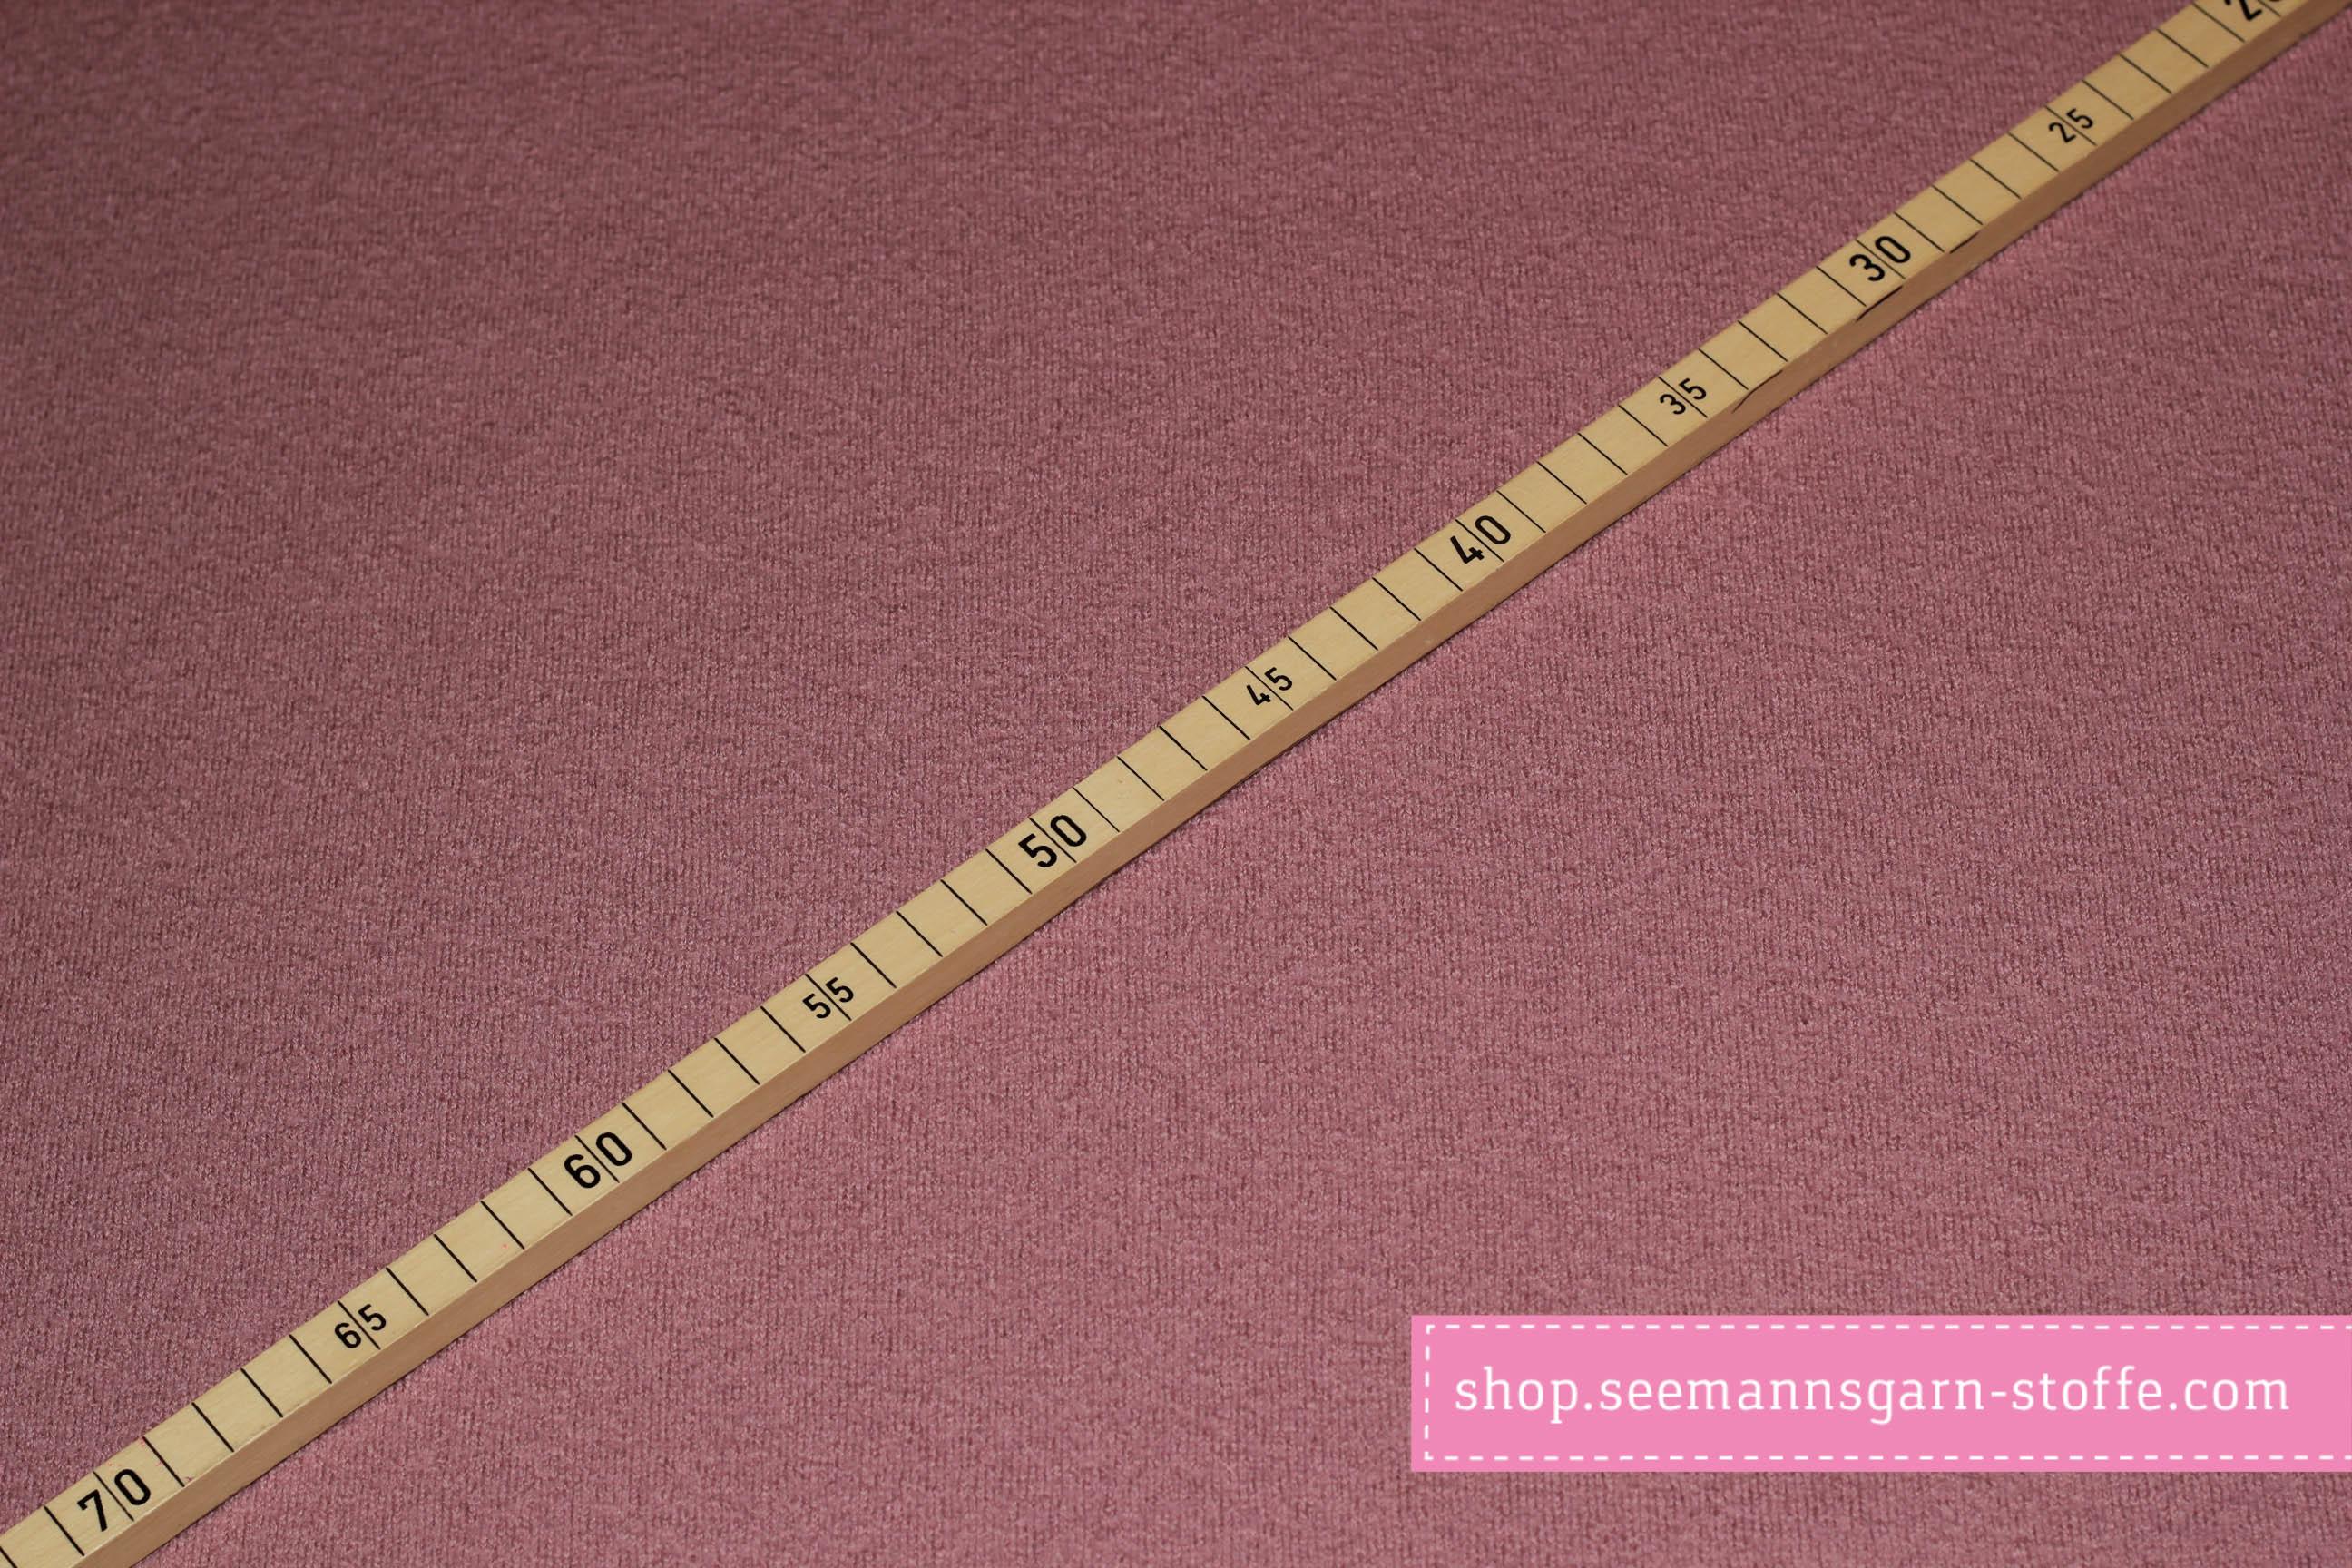 Walk - Merinowolle rosa